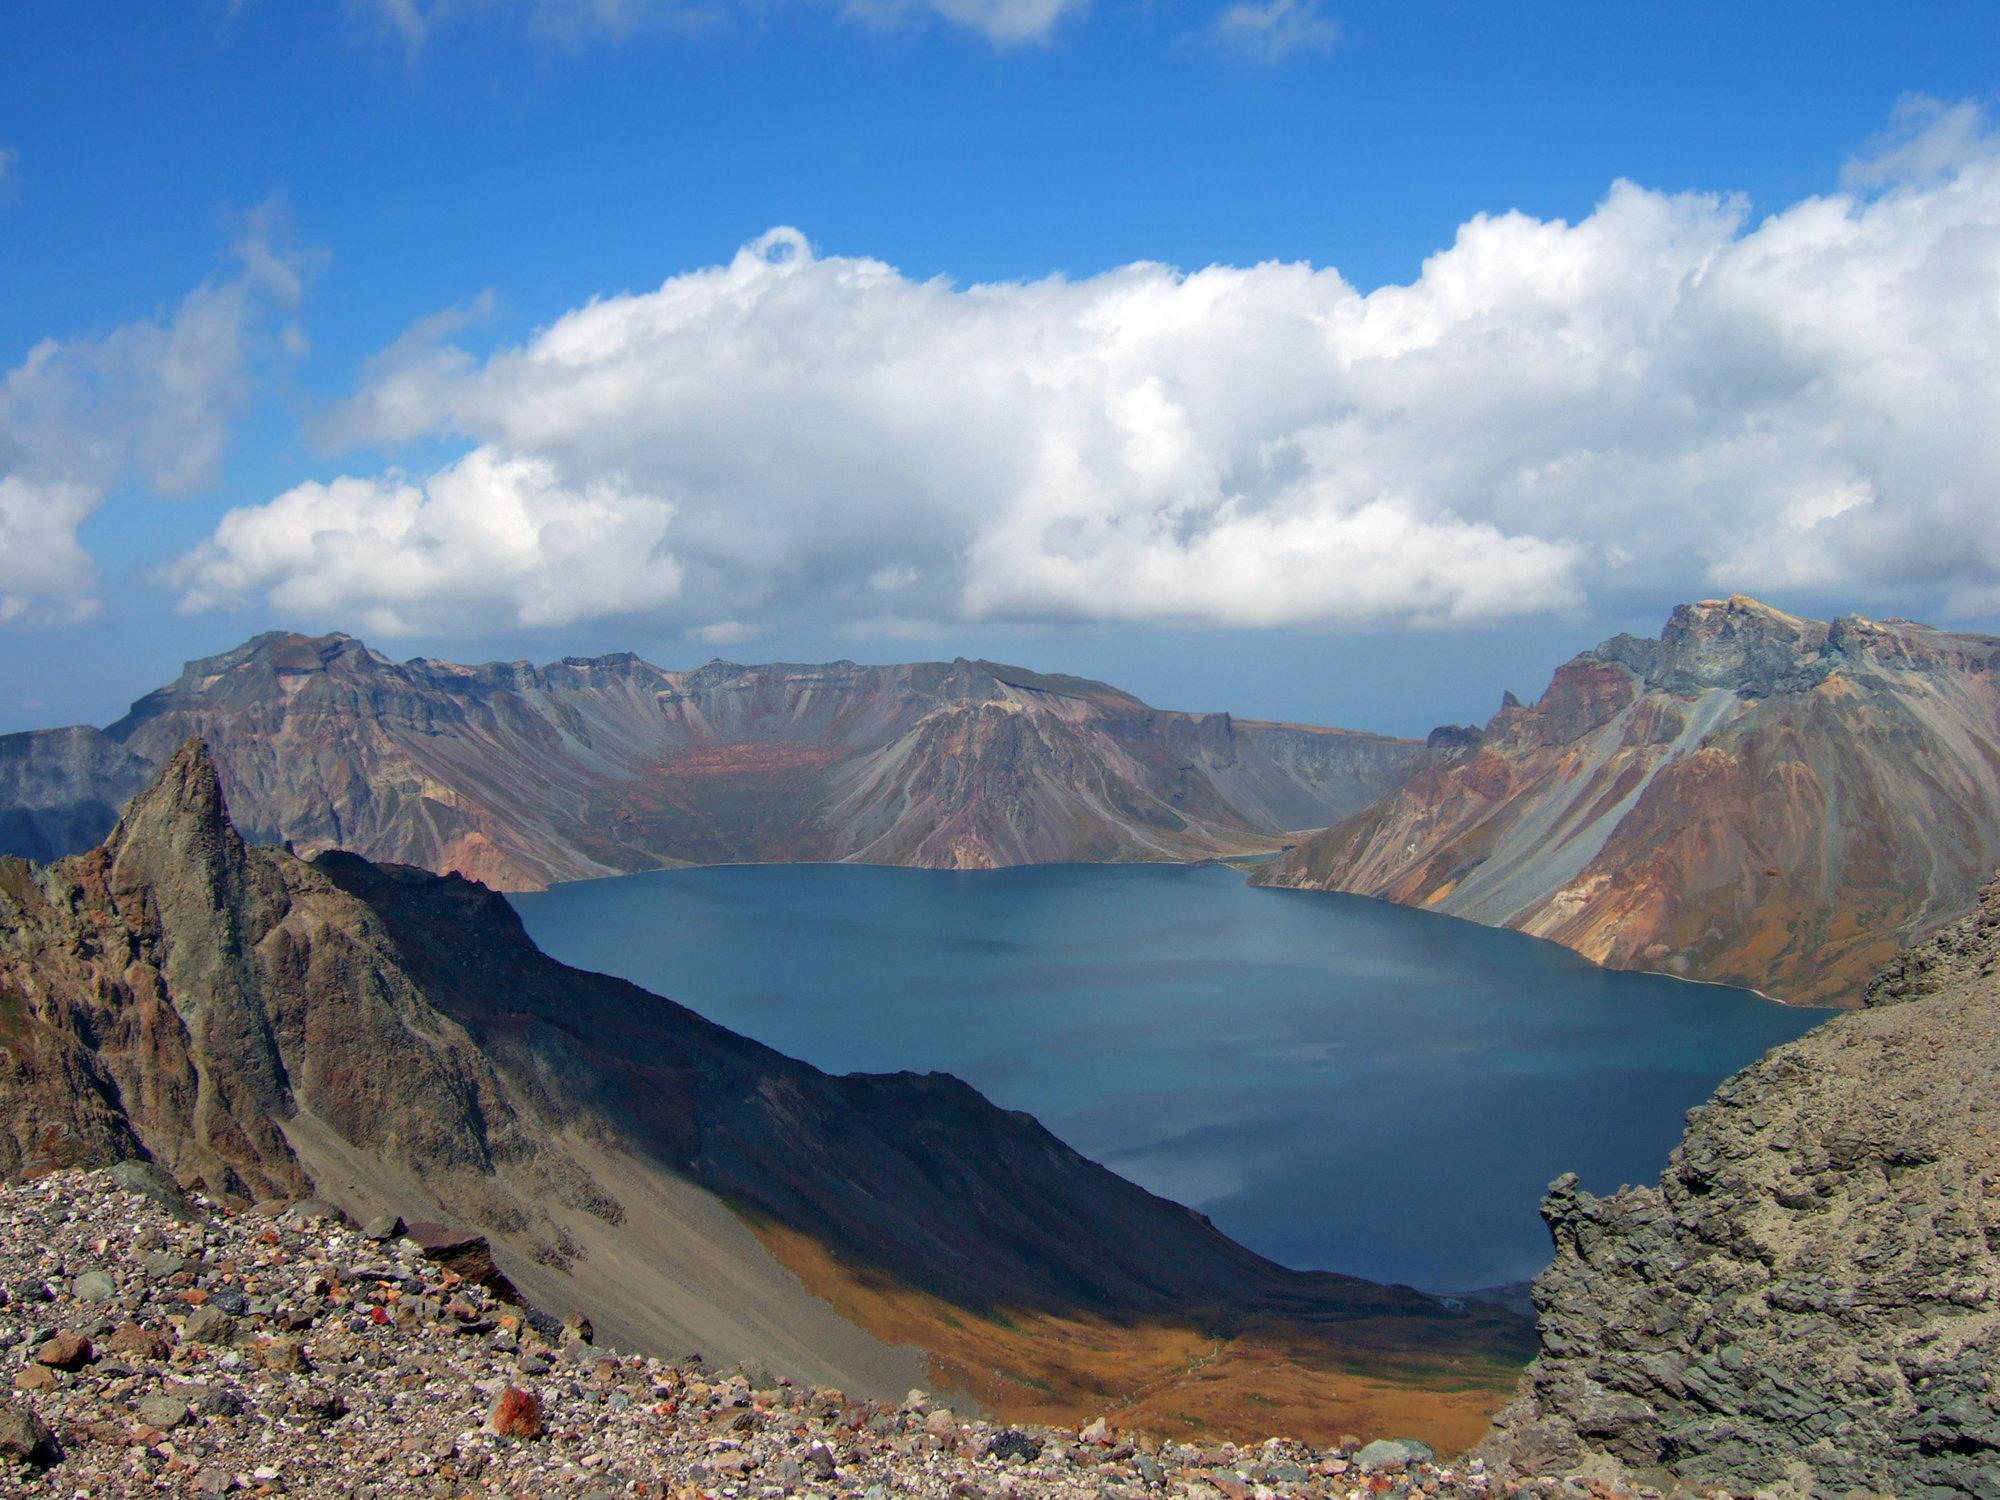 백두산 화산에서 1000년 만에 뚜렷한 분화징후가 나타나고